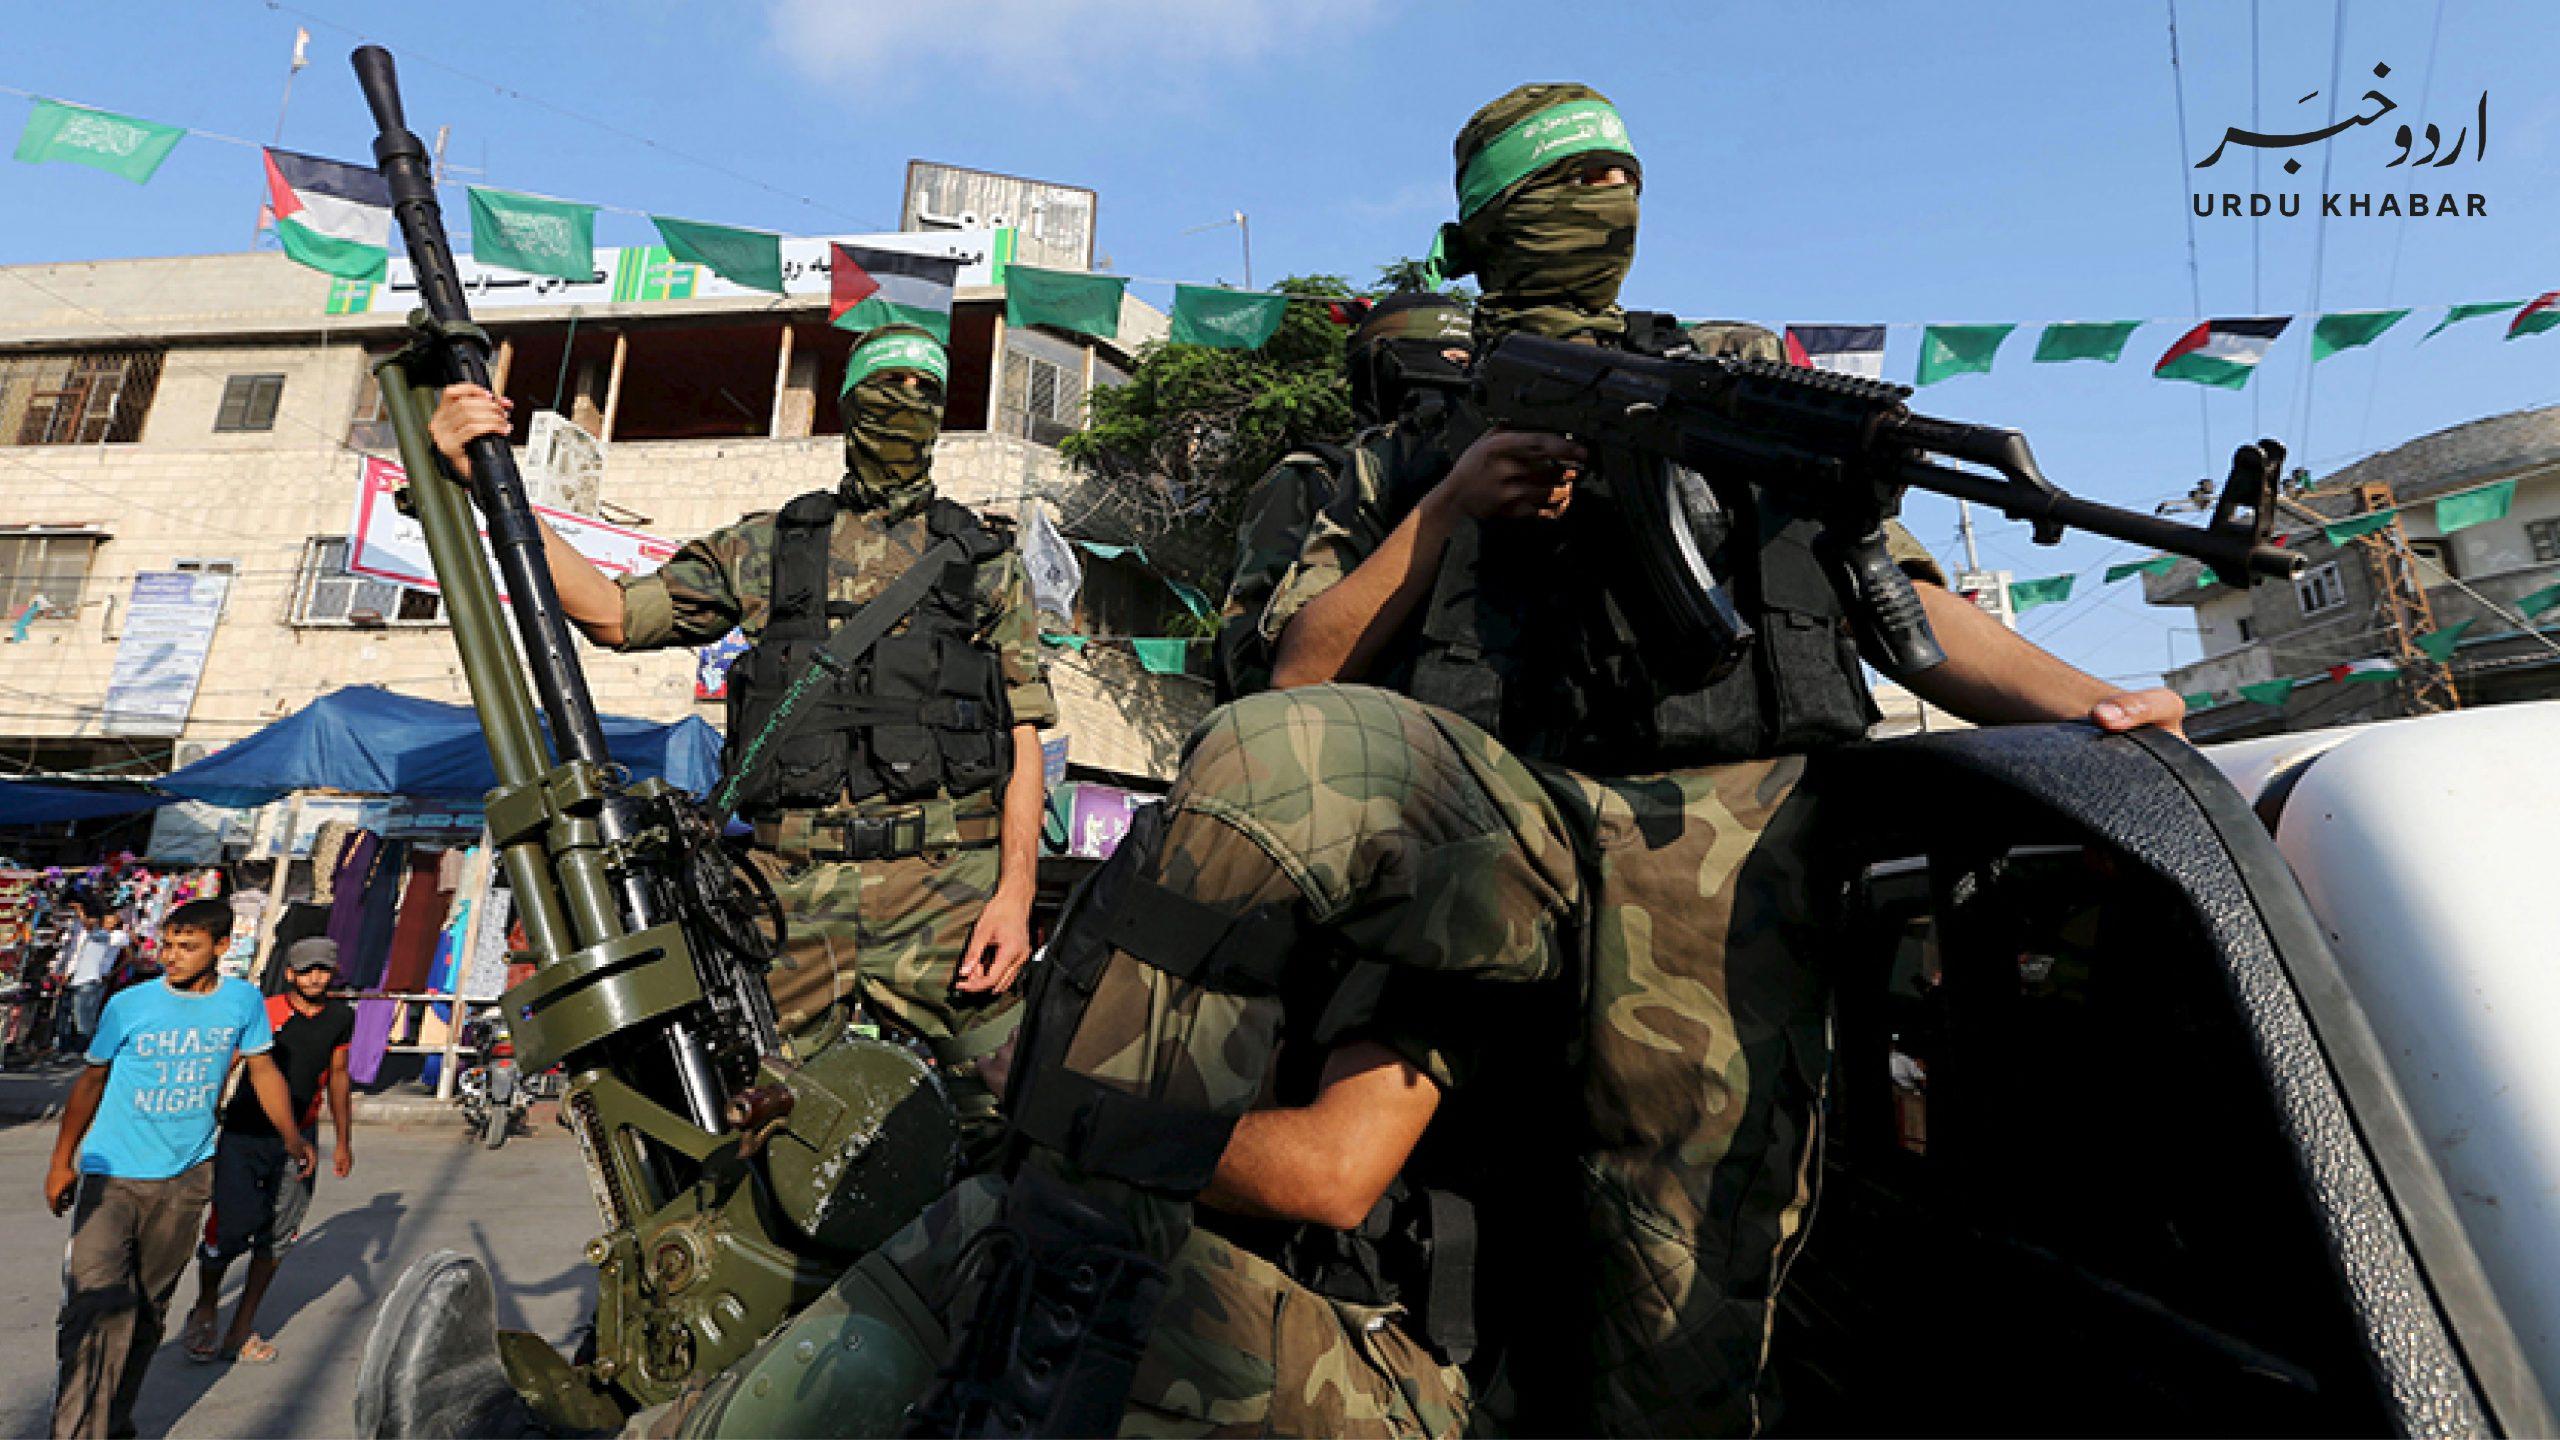 امریکہ نے حسم نامی اسلامی شدت پسند تنظیم کے رہنماؤں کو دہشتگردوں کی فہرست میں شامل کر لیا